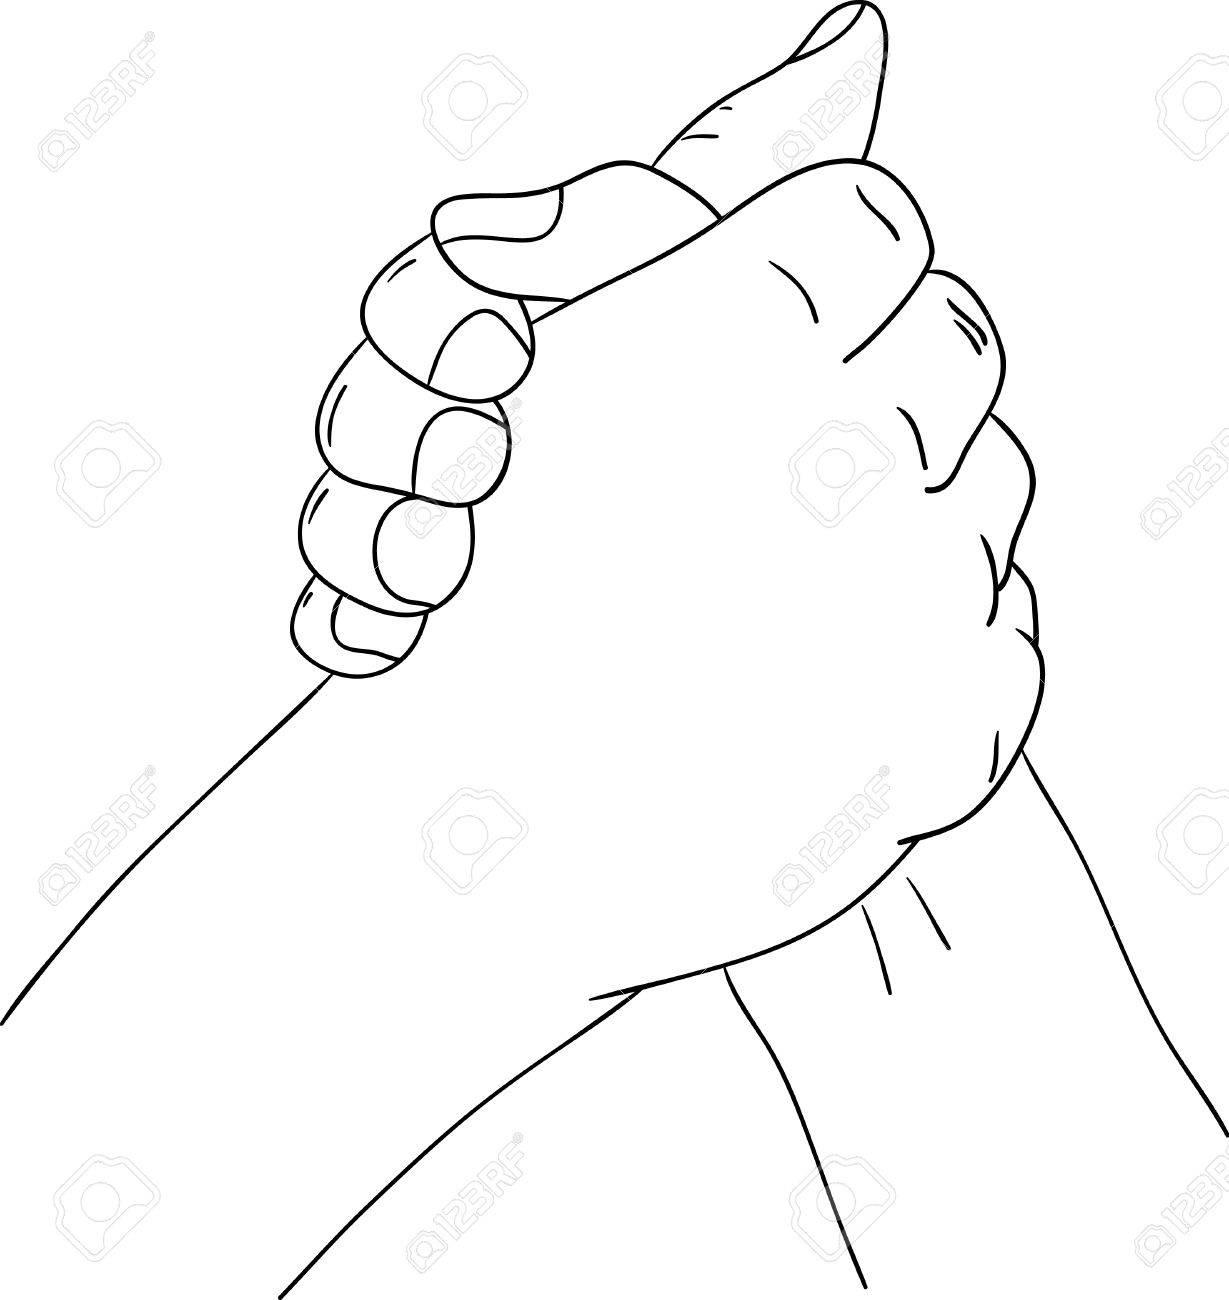 hand holding , arm wrestling - sport Stock Vector - 8022811